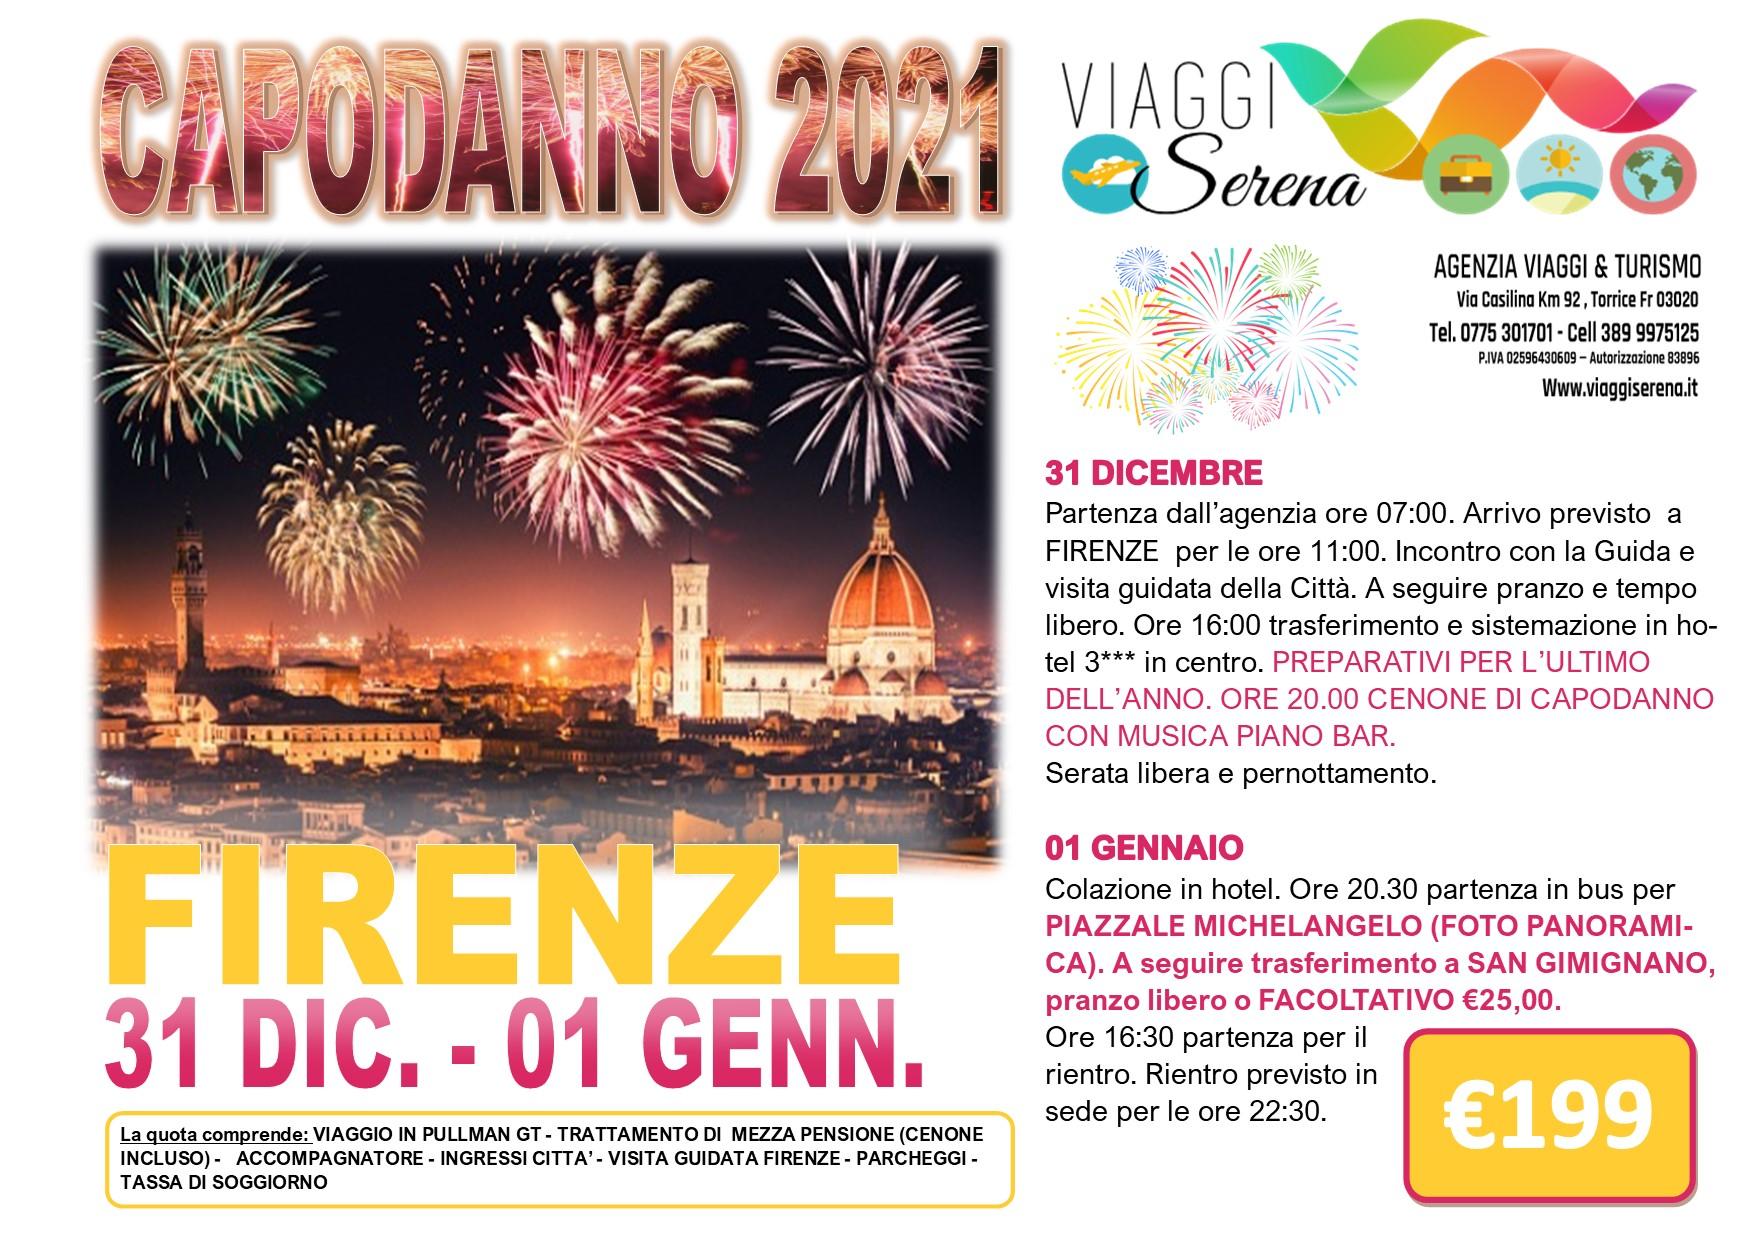 Viaggi di Gruppo speciale Capodanno: FIRENZE 31 Dicembre- 1 Gennaio € 199,00